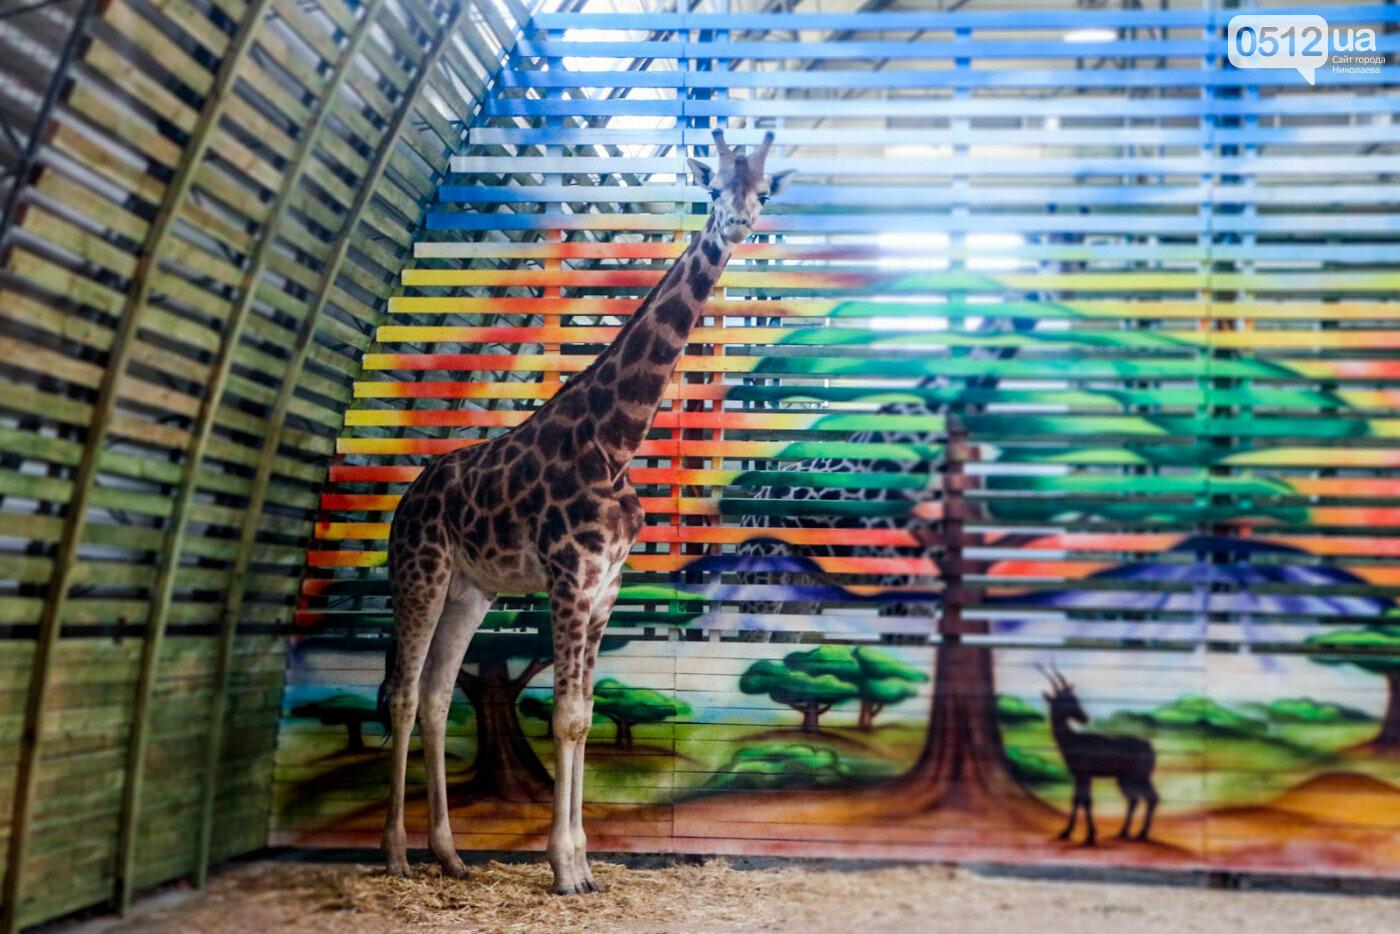 Жирафы ссорятся, а слоны играют: в Николаевском зоопарке рассказали о новичках, - ВИДЕО, фото-1